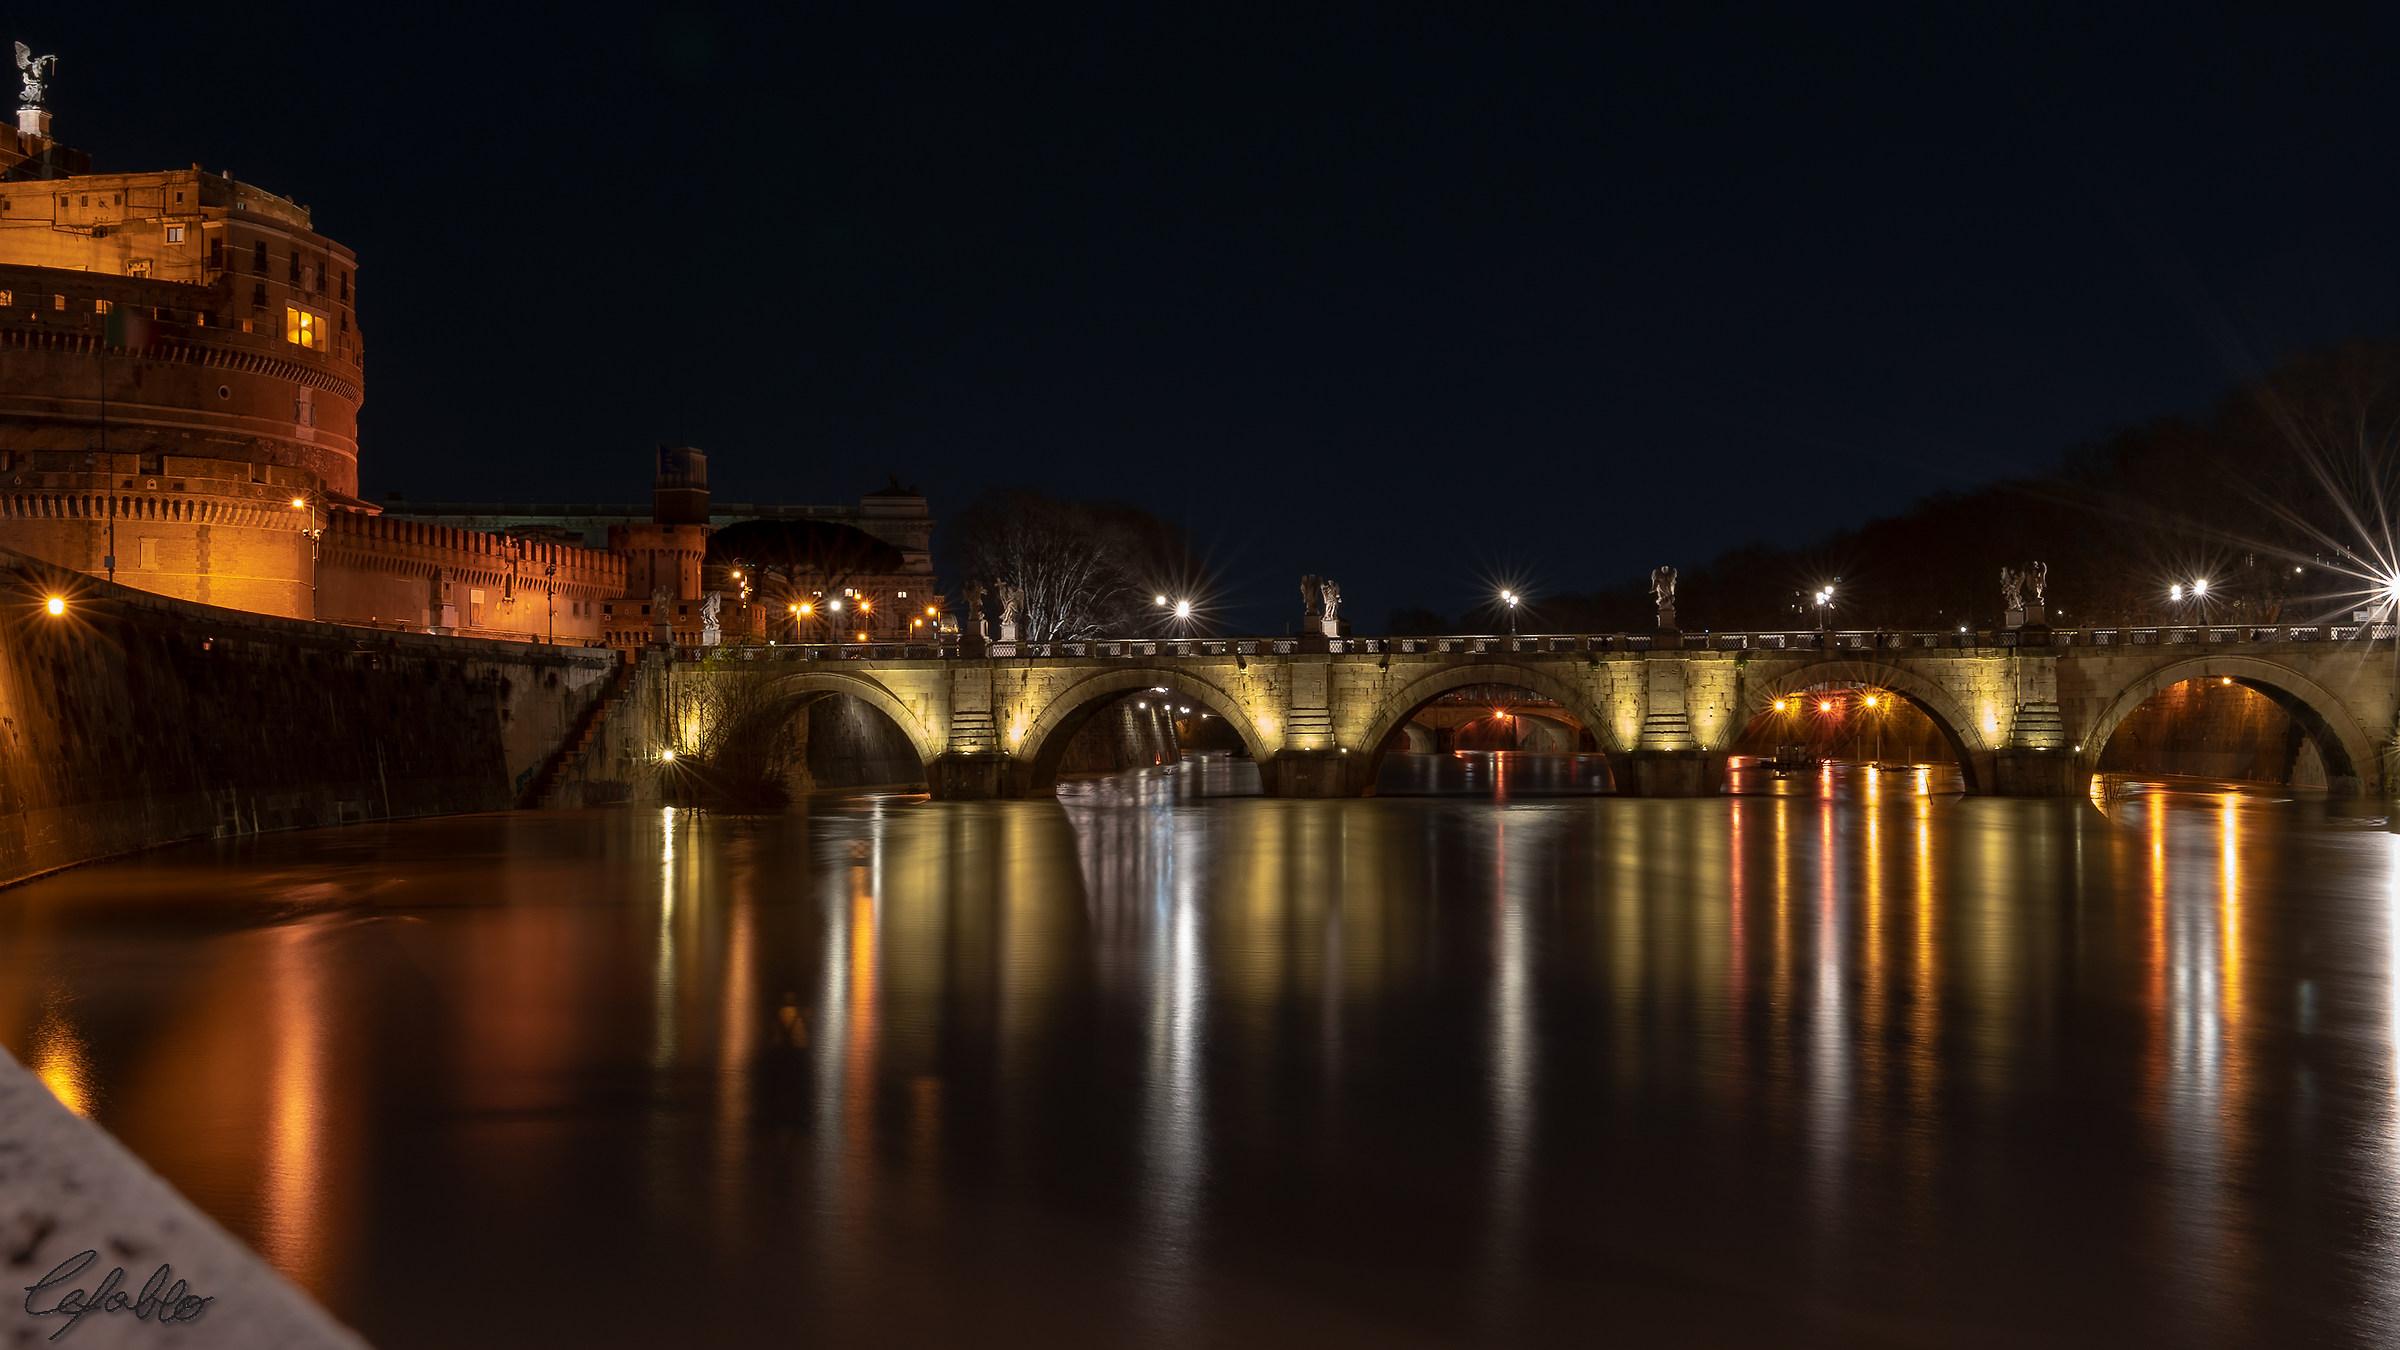 Along the Tiber......